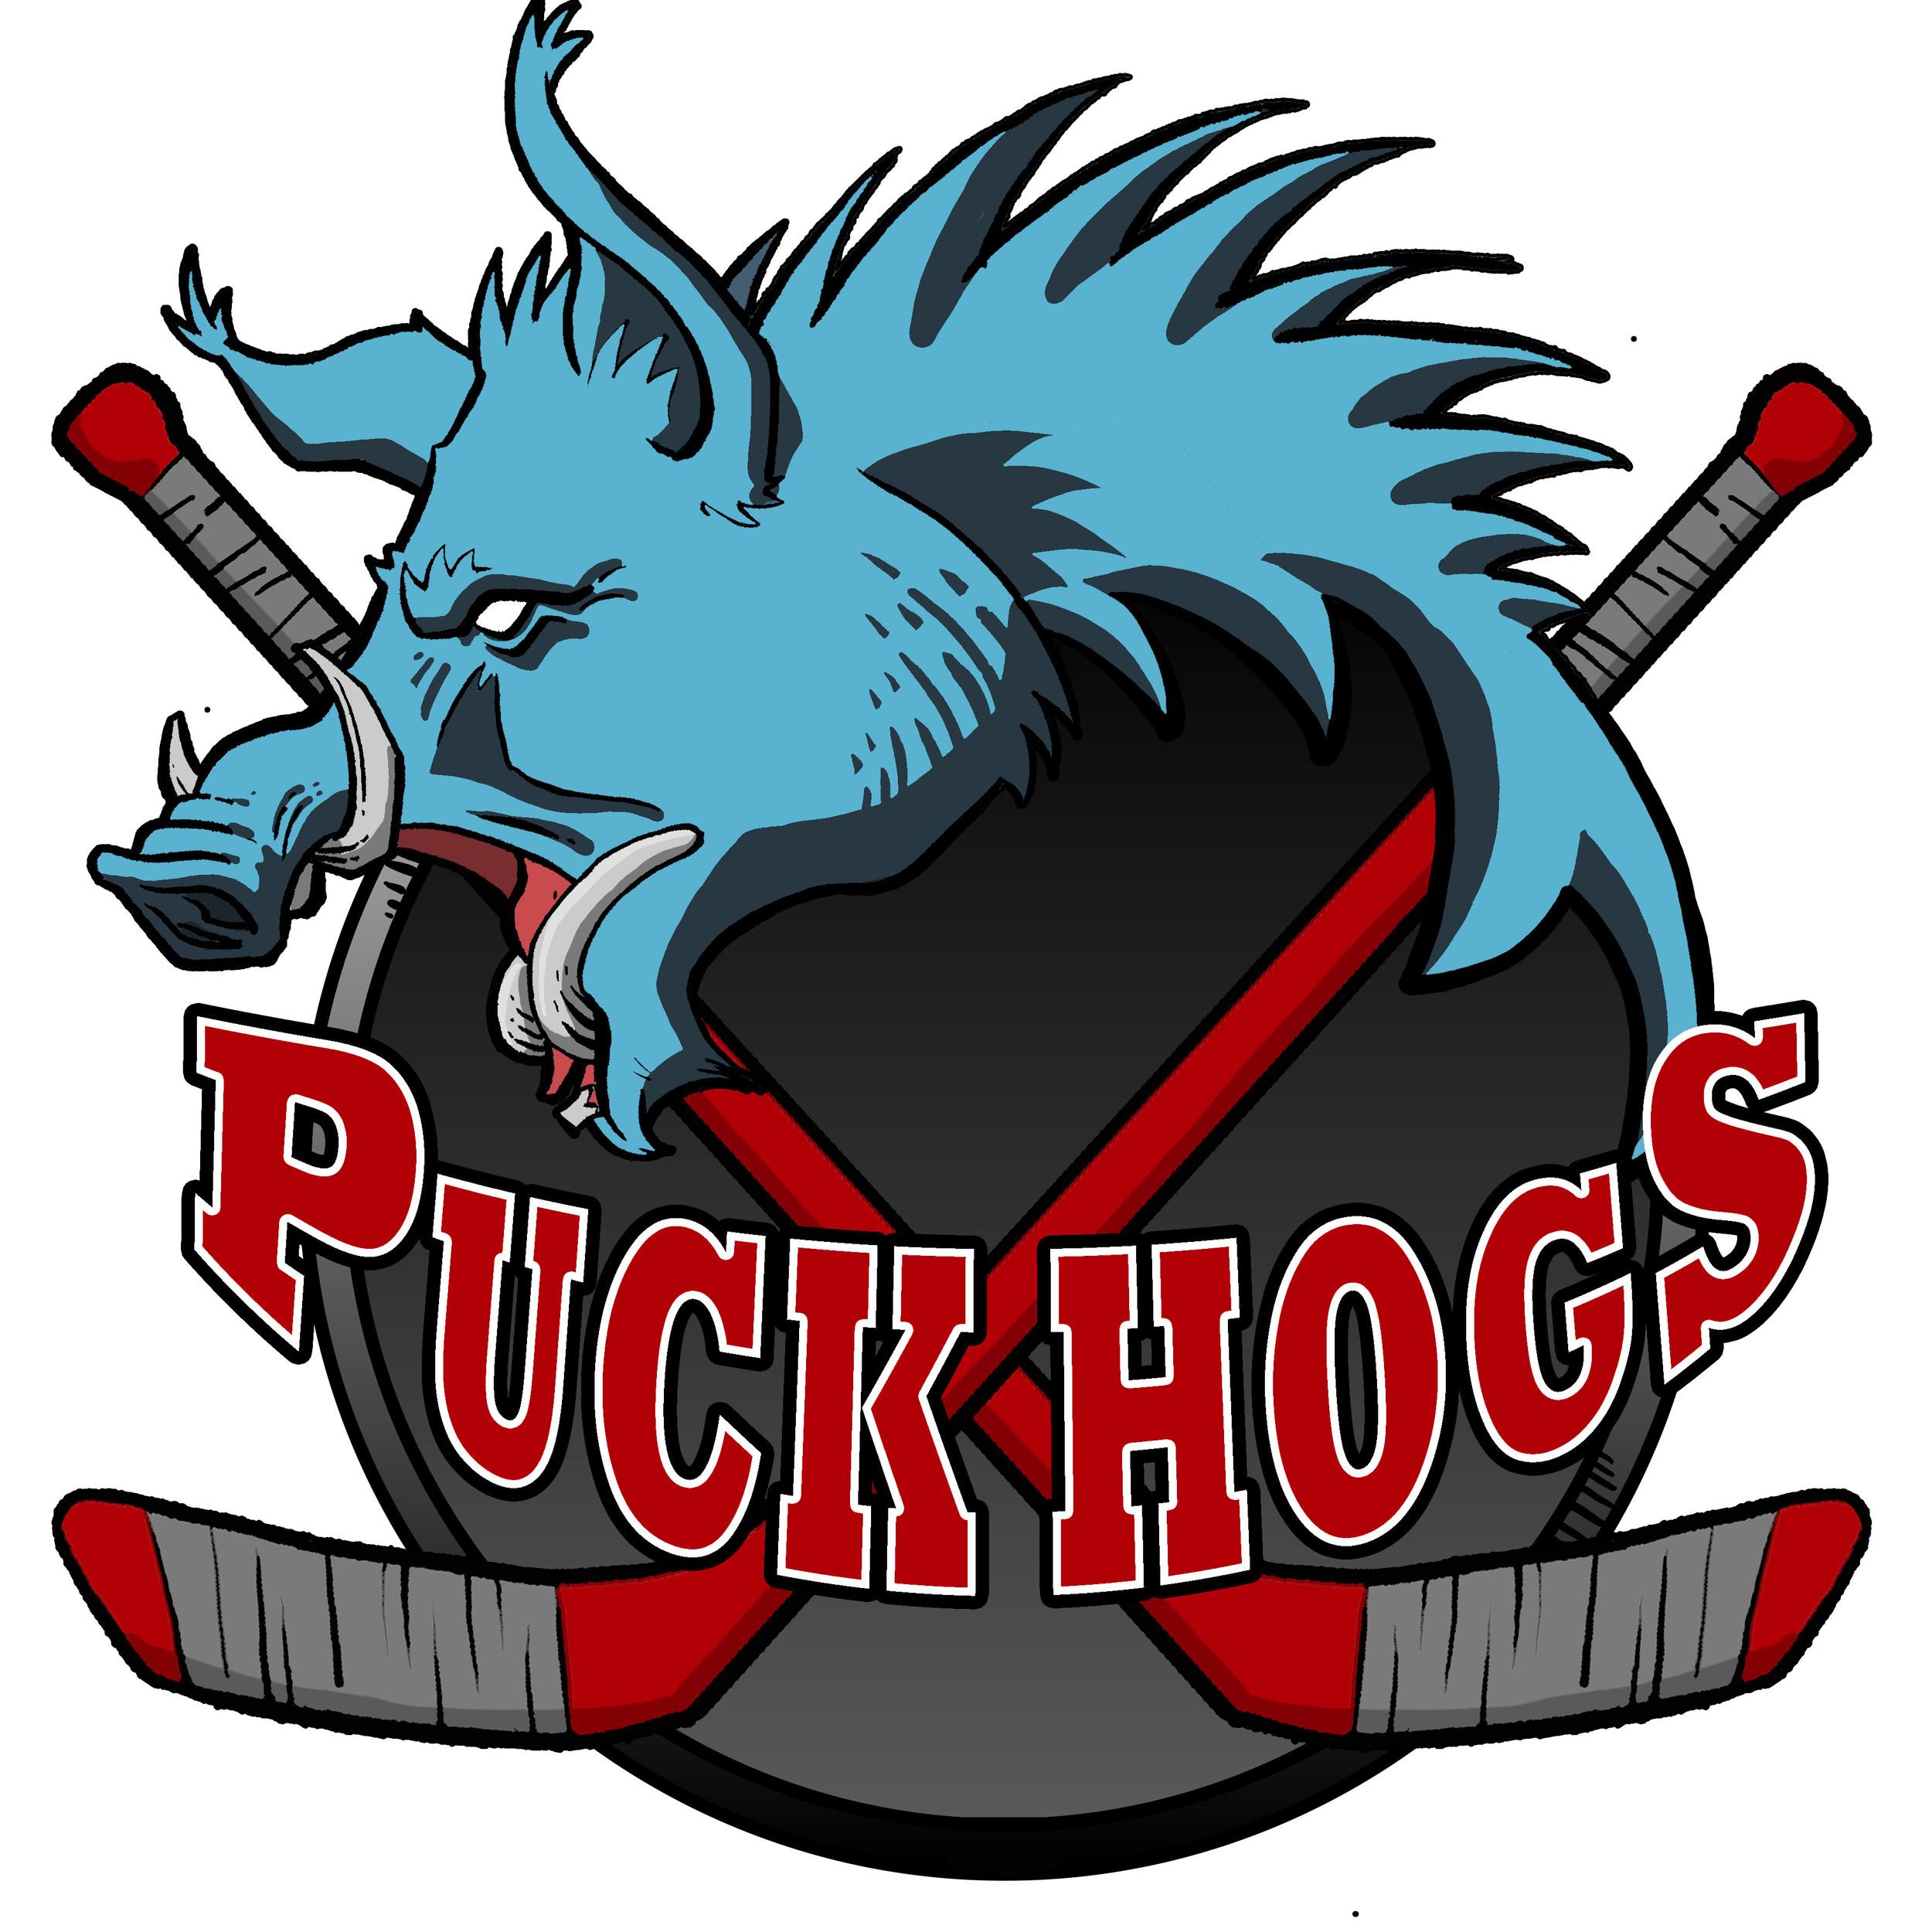 Puck Hogs